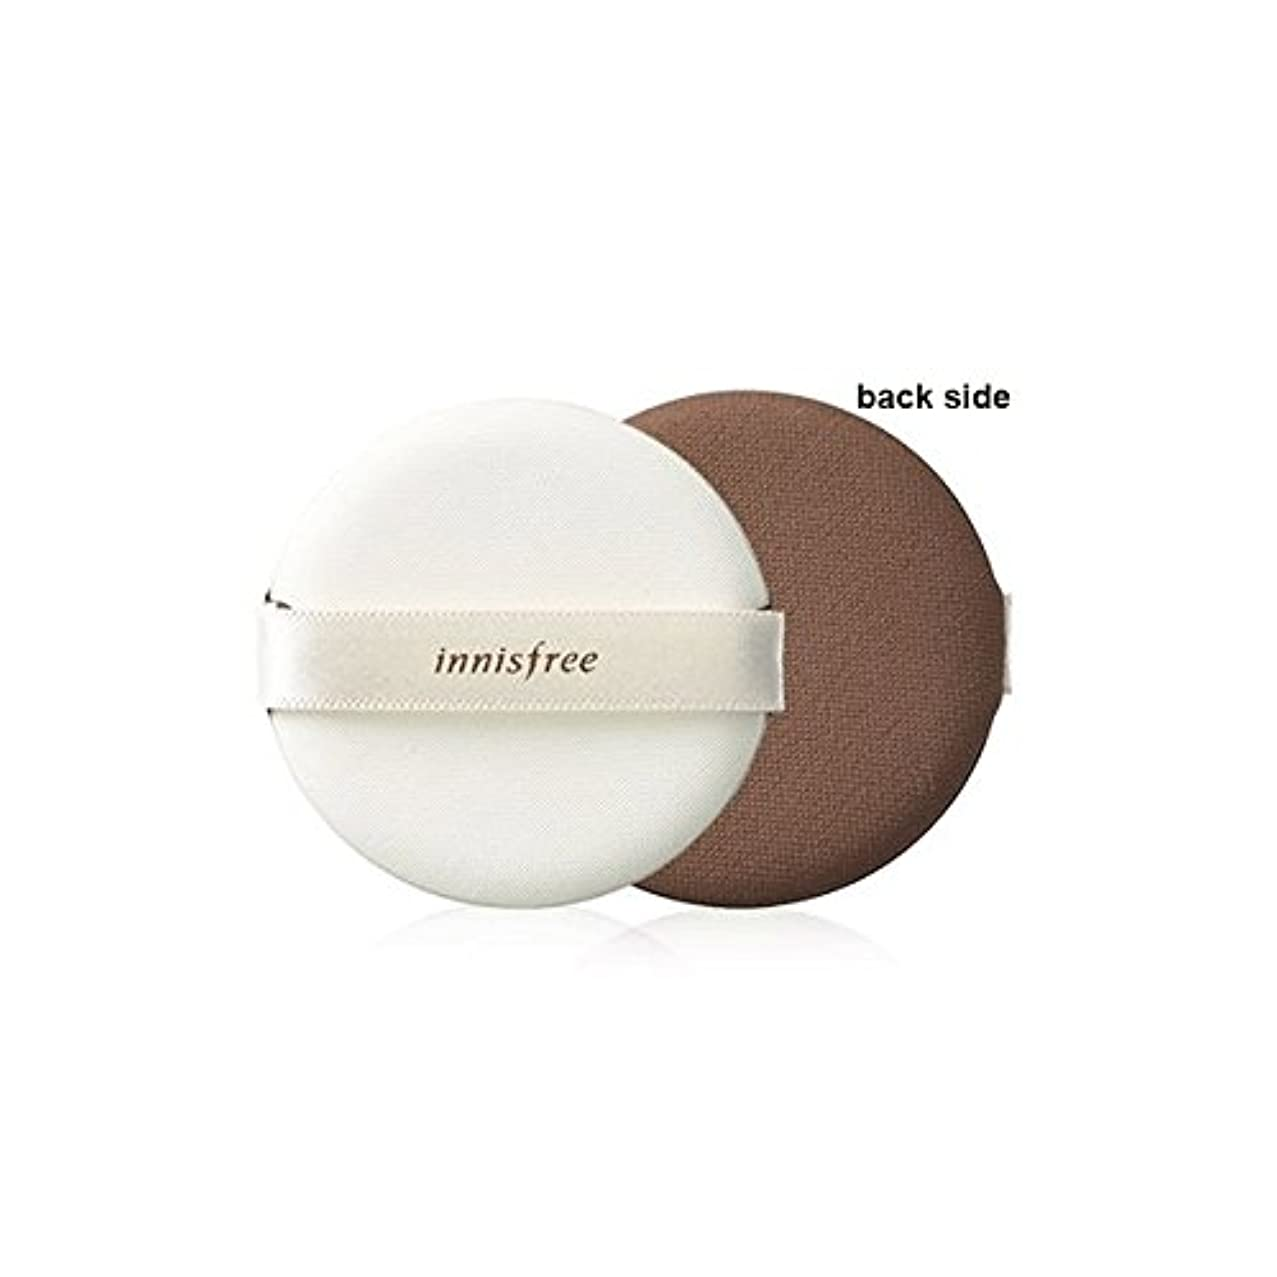 騙す後世顕著[イニスプリー] Innisfree エアマジックパフ-密着 [Innisfree] Eco Beauty Tool Air Magic Puff-Fitting [海外直送品]